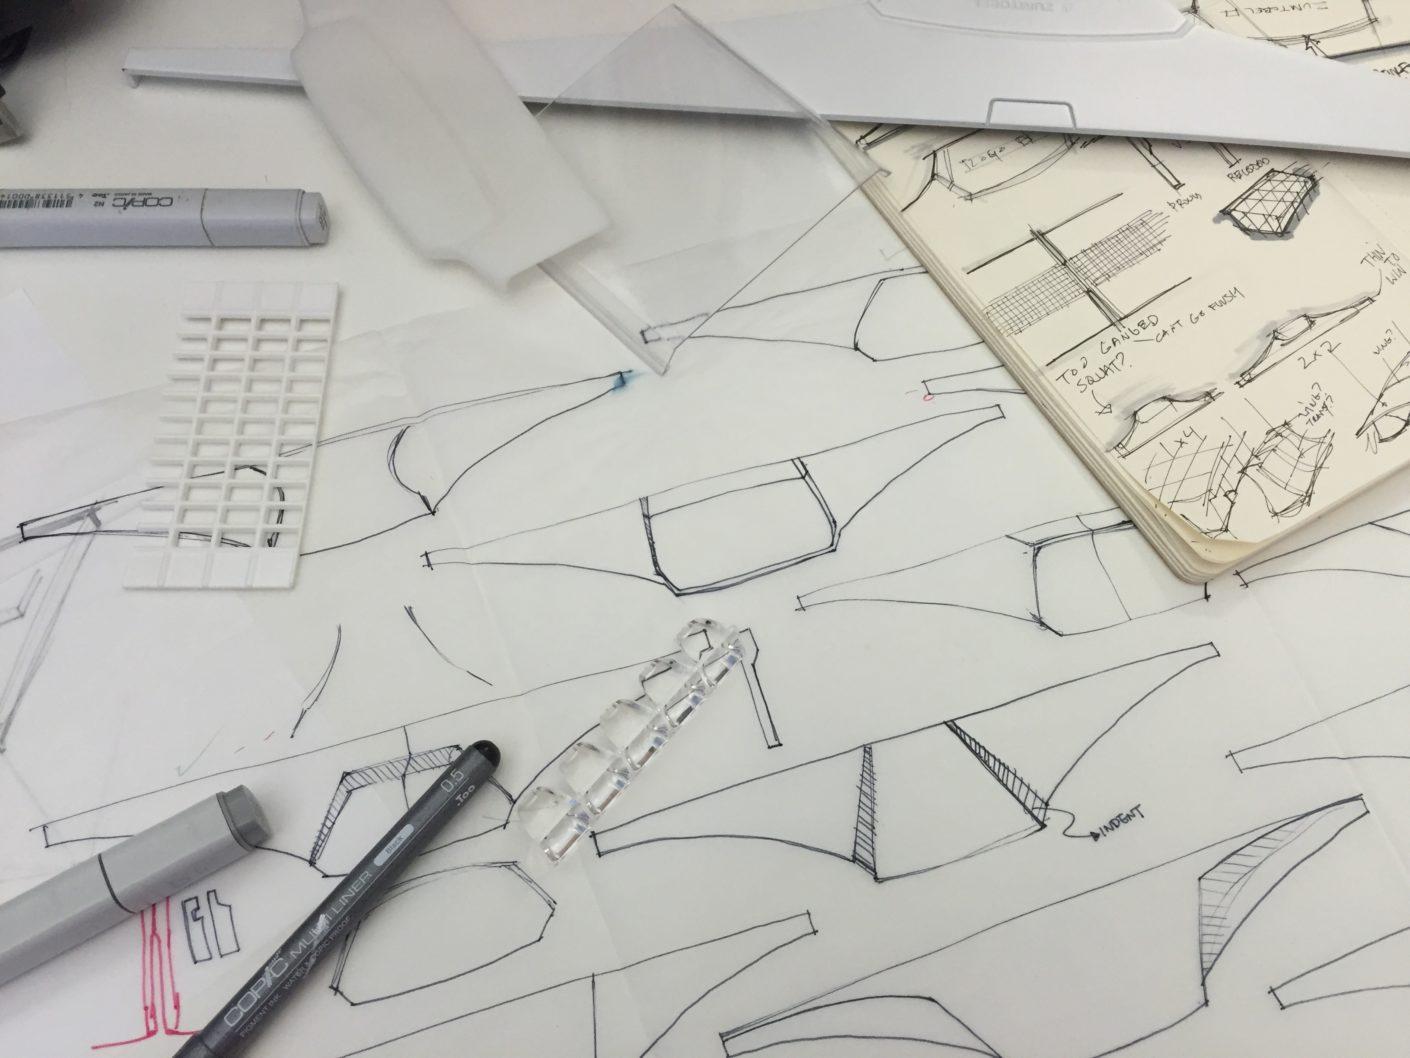 Skizzen und Designstudien der Mellow Light 6 von Zumtobel